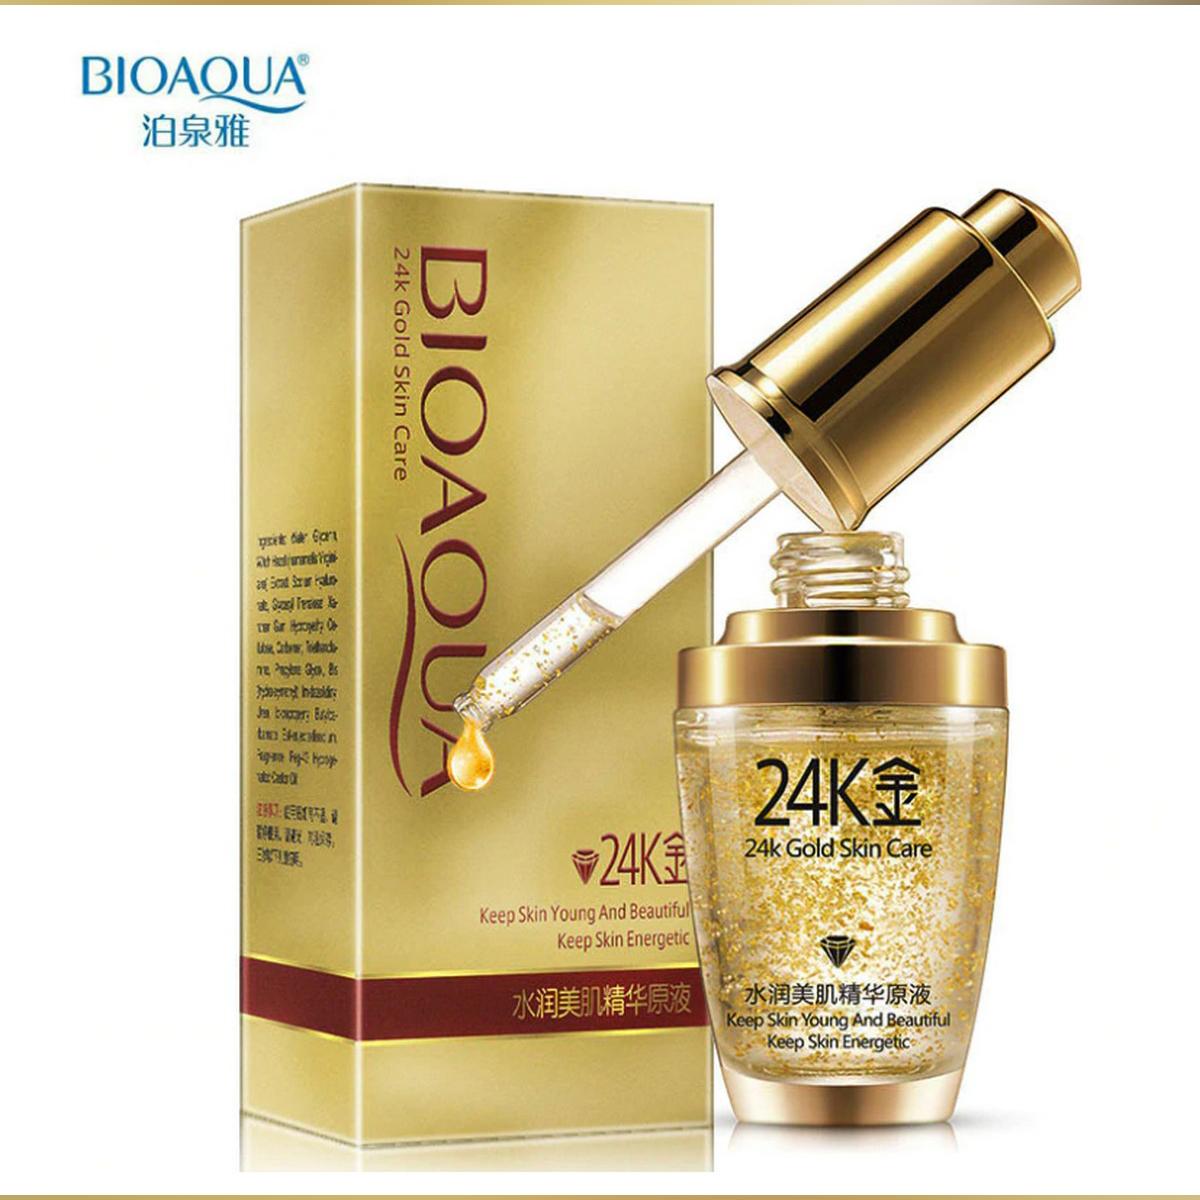 BIOAQUA- 24K Gold Skin Energetic Care 30ml-BQY0887